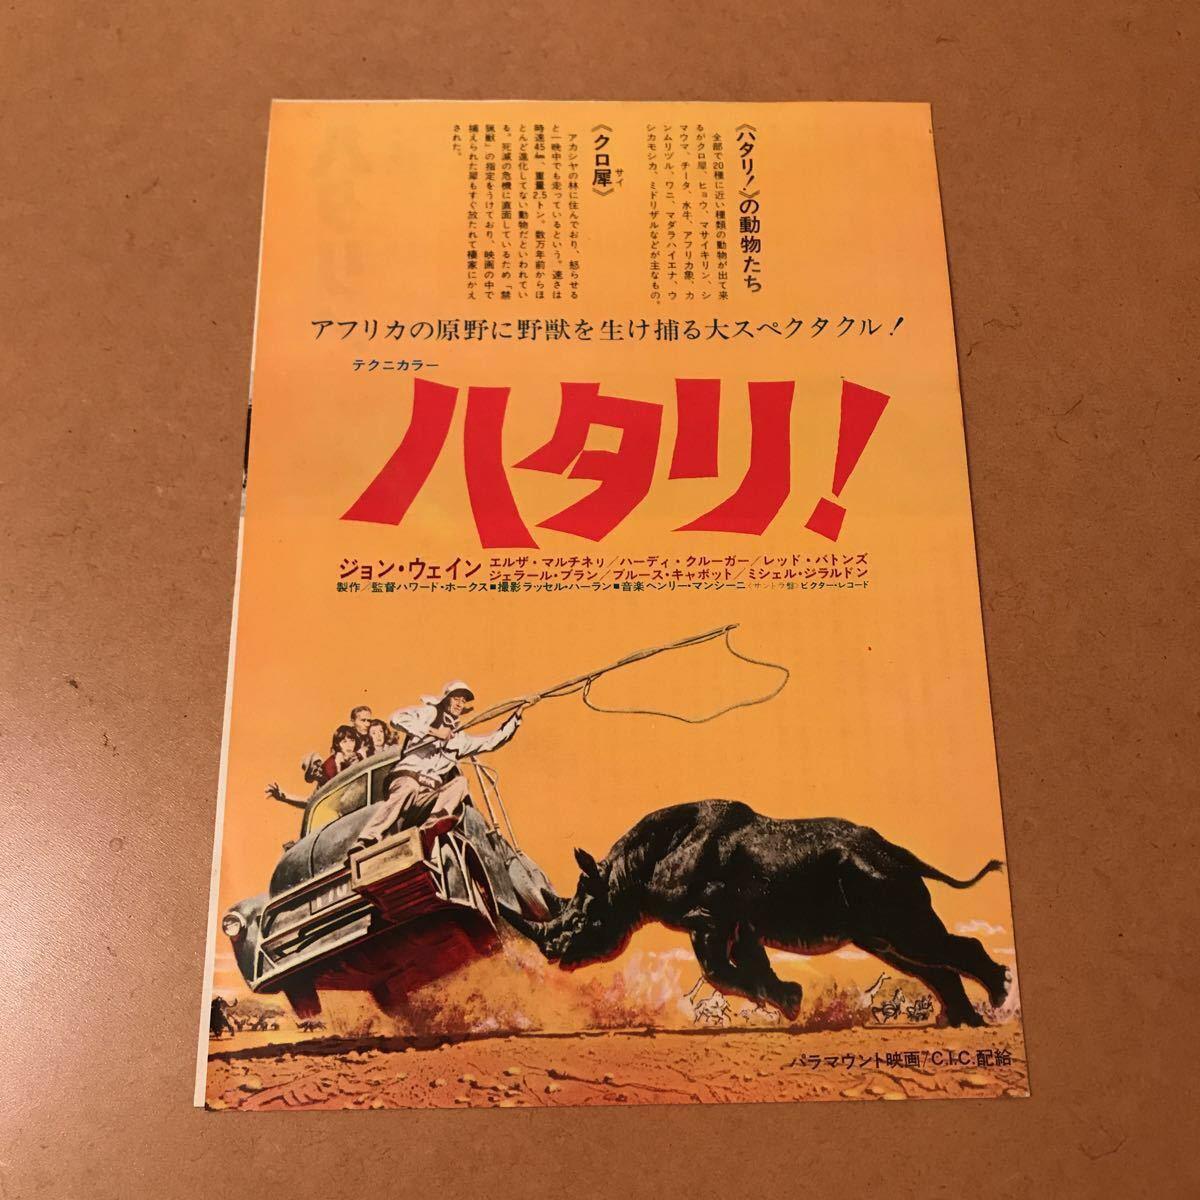 【映画チラシ】『ハタリ!』1962年初公開作品 主演:ジョン・ウェイン 通常B5版2枚折チラシ